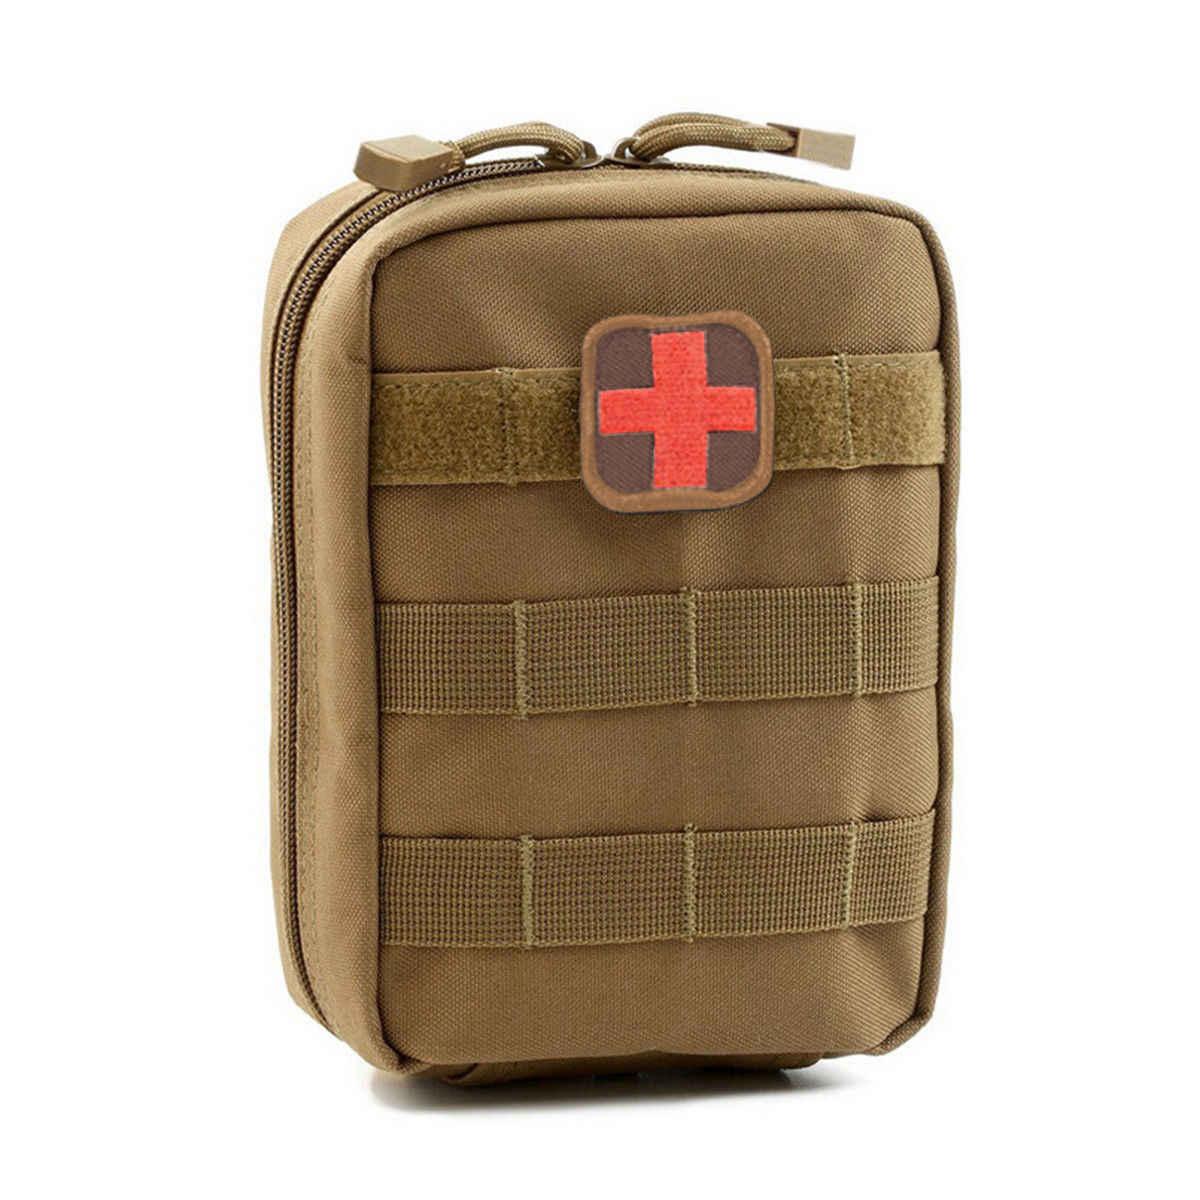 Bolsa de cintura táctica para exteriores, accesorio MOLLE, bolsa portátil para walkie-talkie, bolsa médica para exteriores, bolsillo de rescate médico táctico